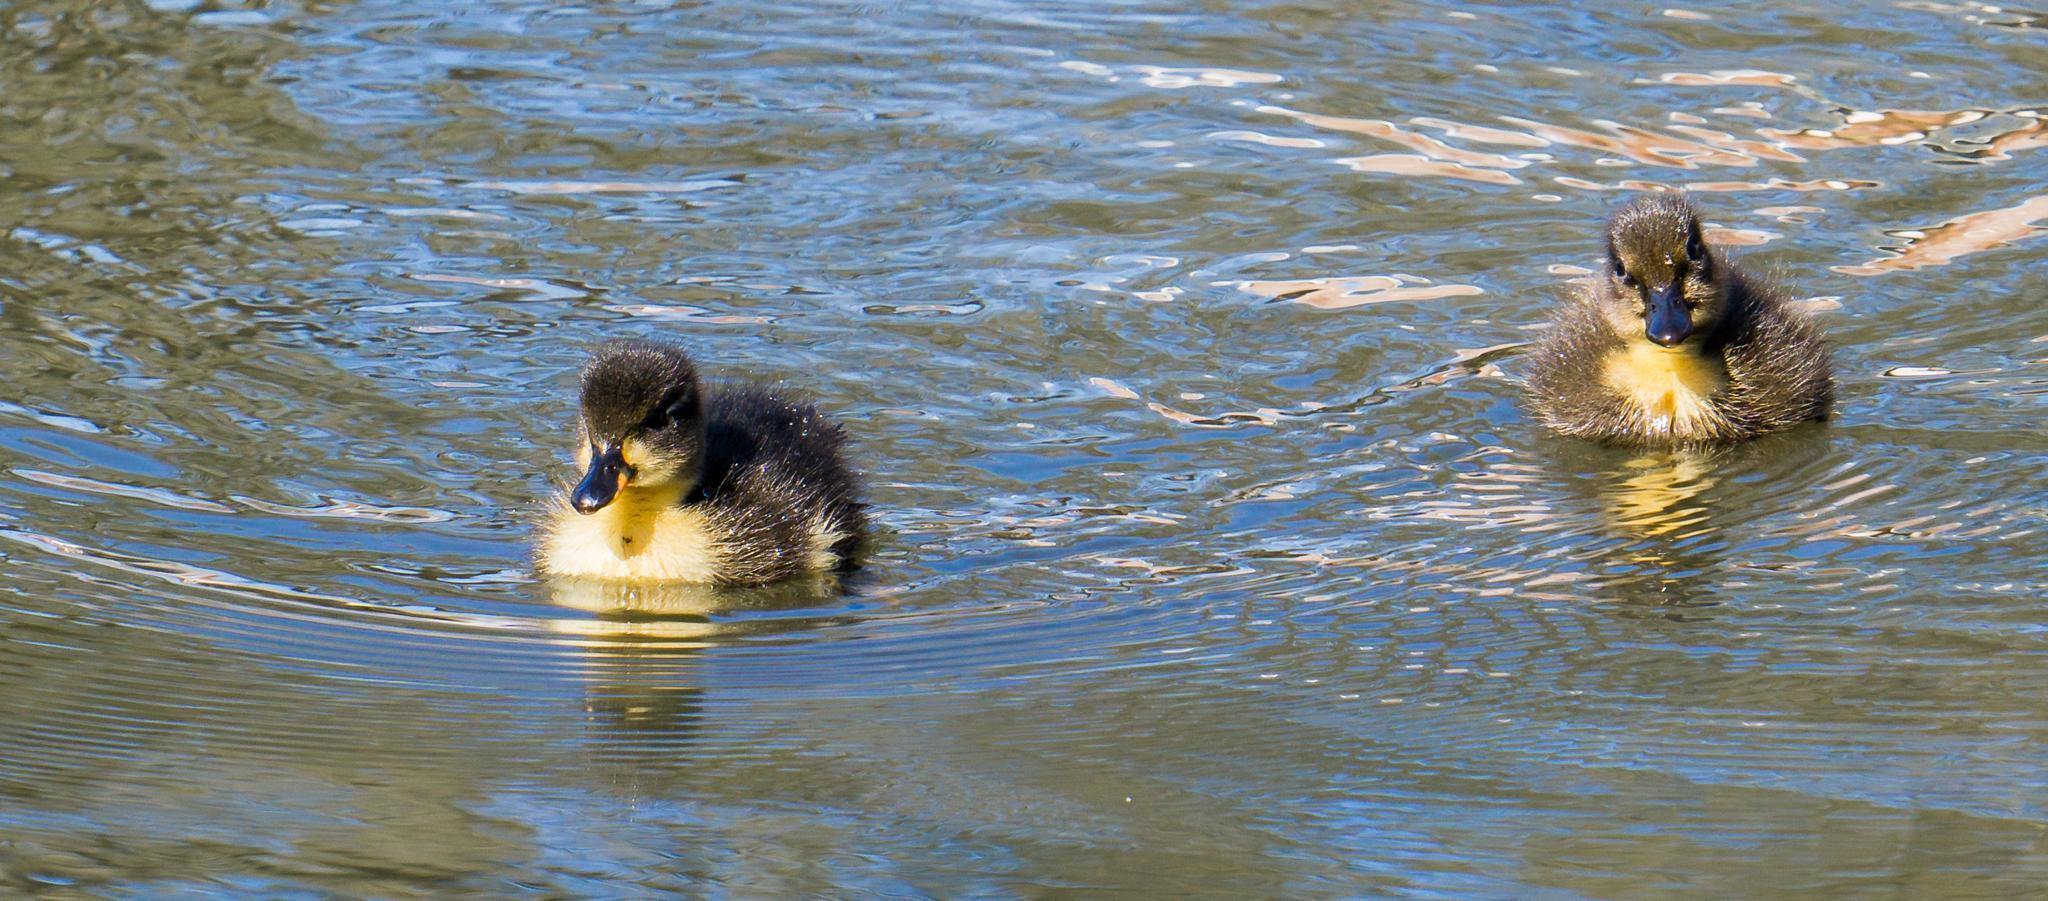 New ducklings. by NatureGirl